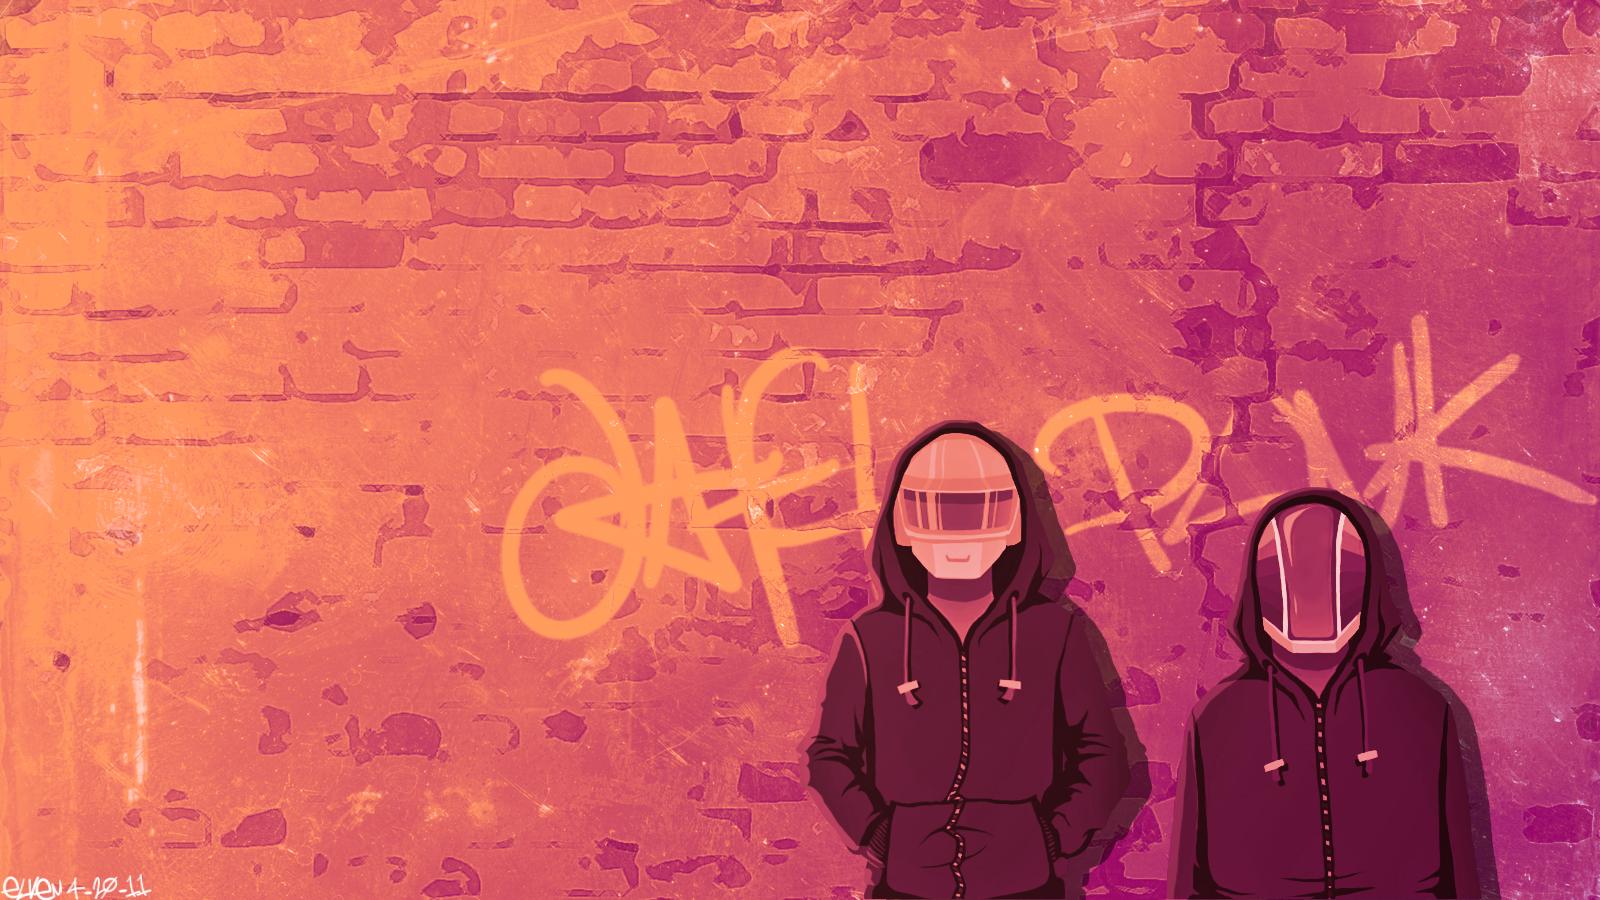 Daft Punk Download Image